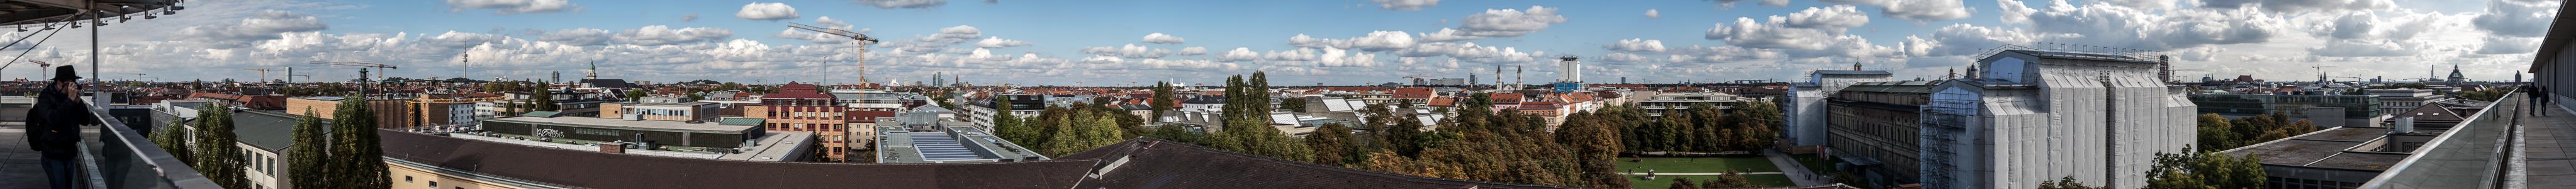 München Blick von der Technischen Universität (Arcisstraße 21) Technische Universität